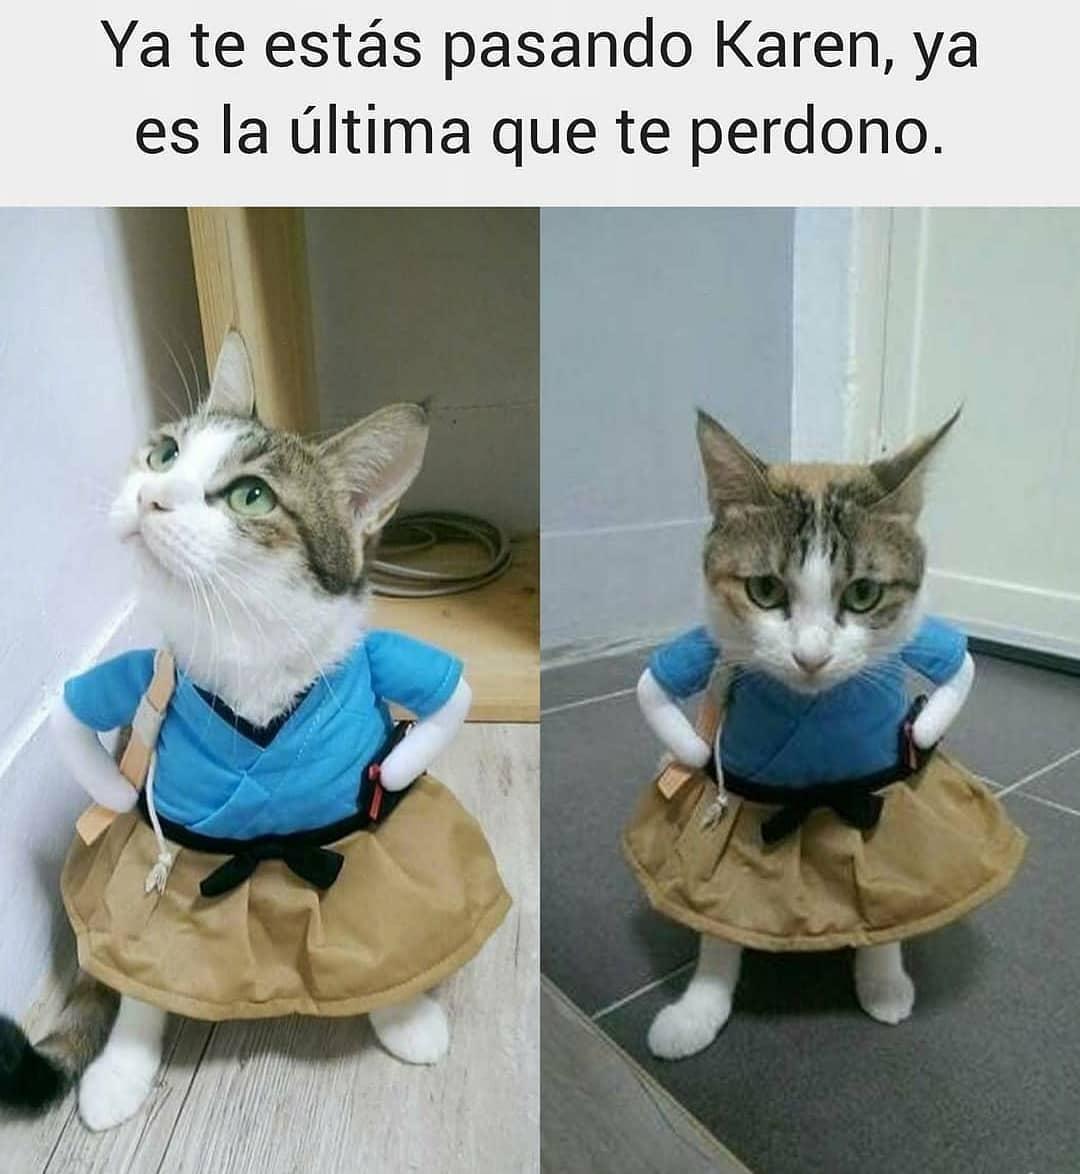 Ya te estás pasando Karen, ya es la última que te perdono.